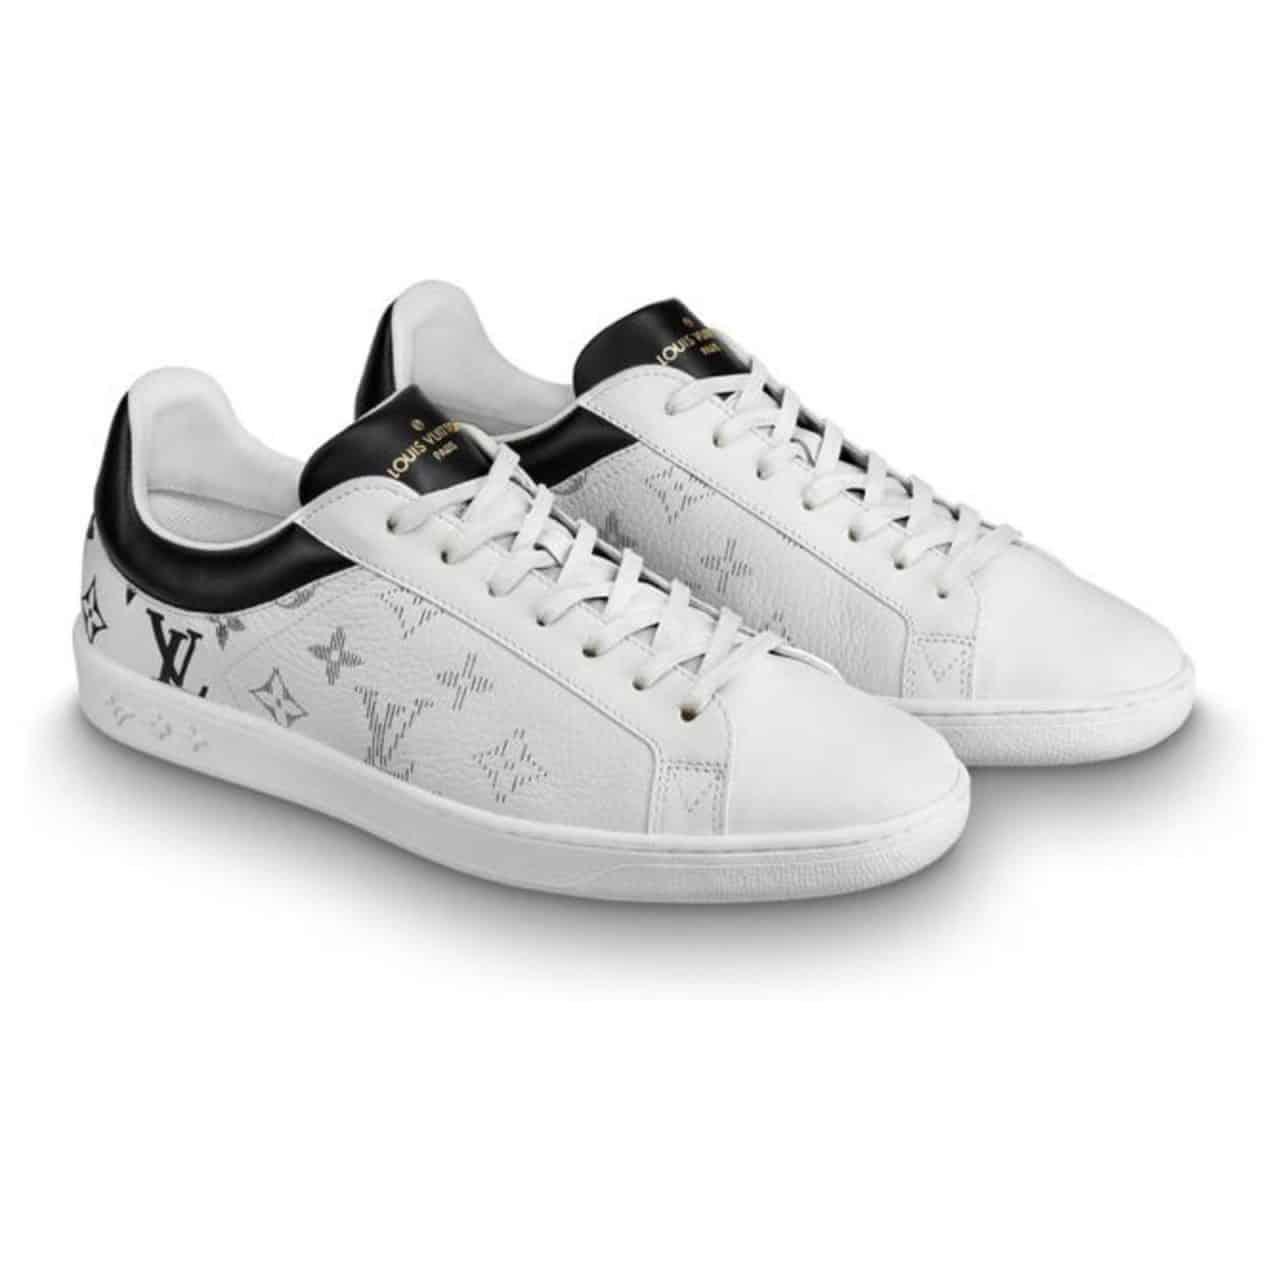 Louis Vuitton Luxembourg Sneaker - Giày Louis Vuitton nam chính hãng cuốn hút, tạo bước đi vững chắc